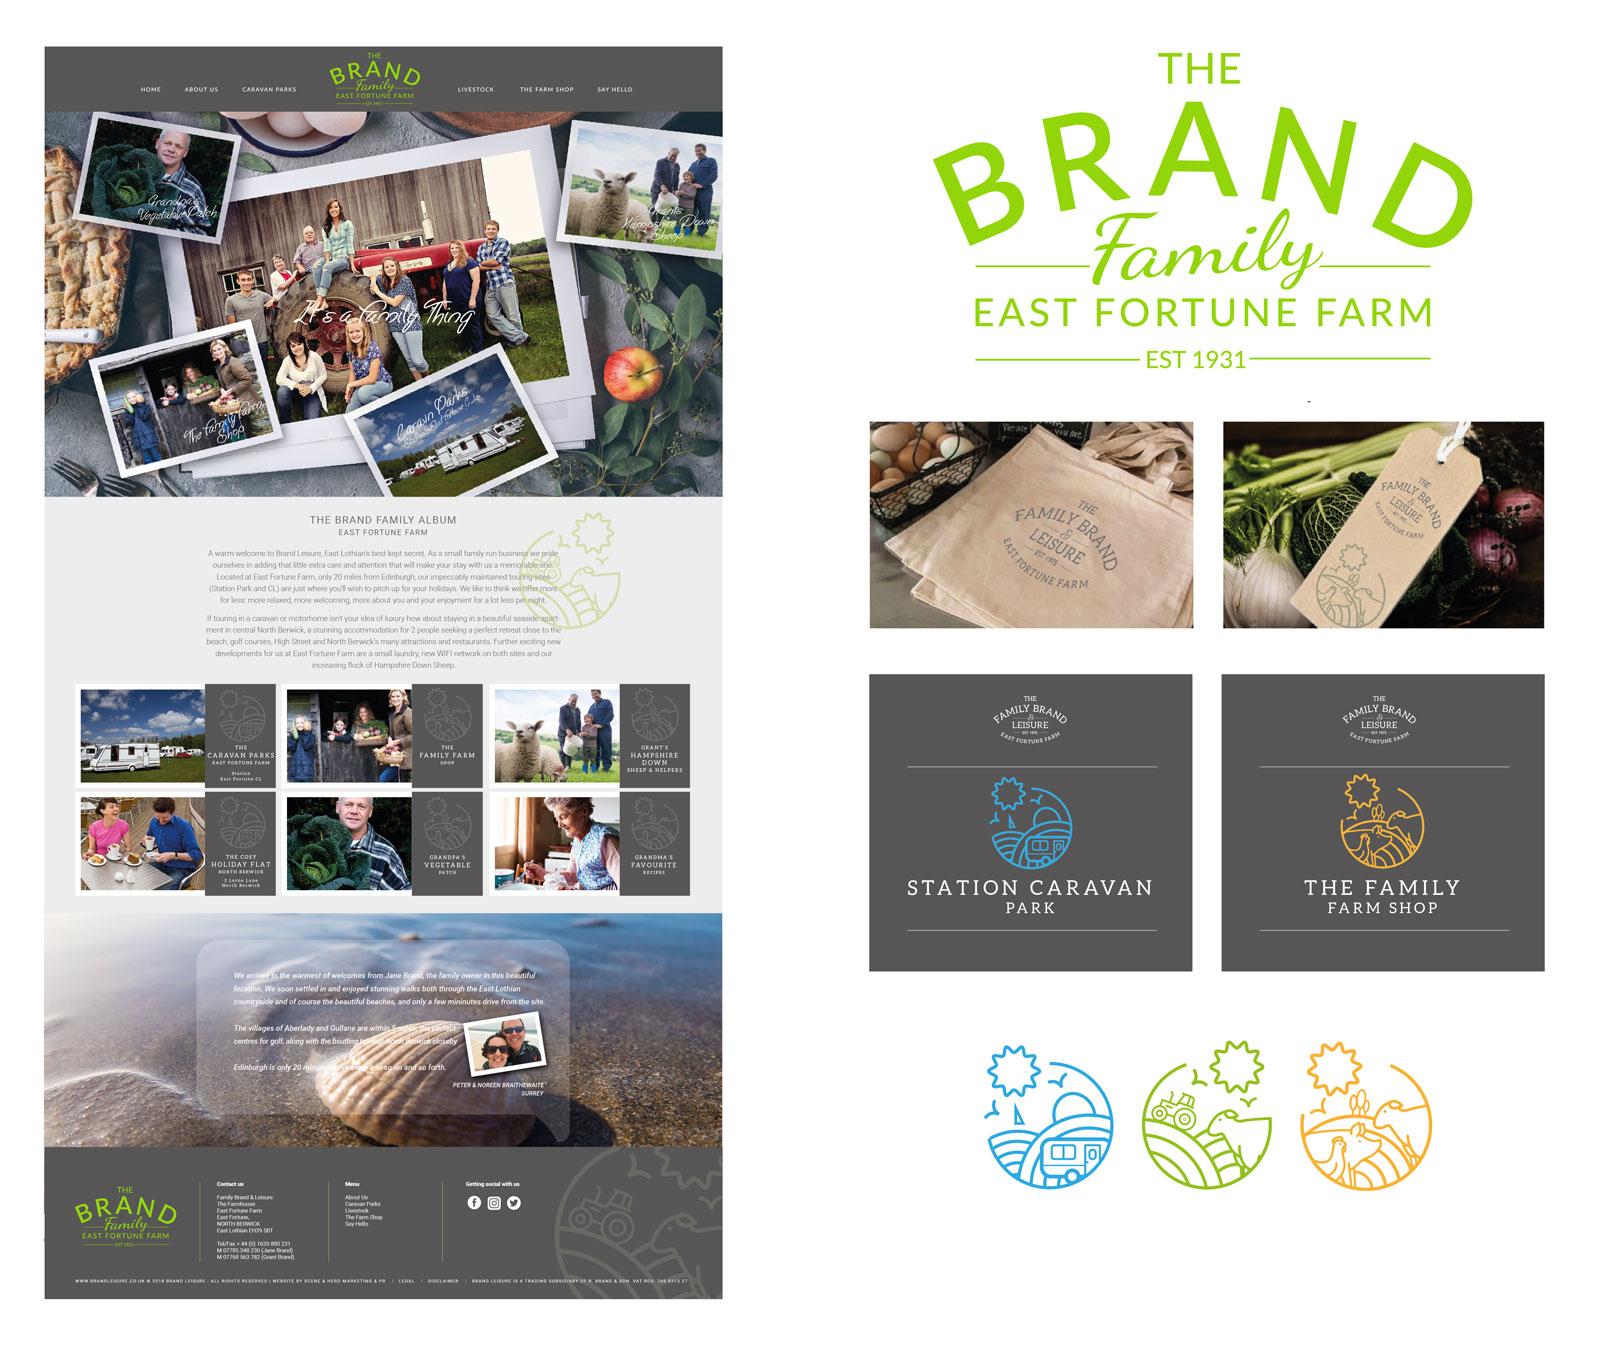 John Hamlin Brand & Web Designer The Brand Family East Fortune